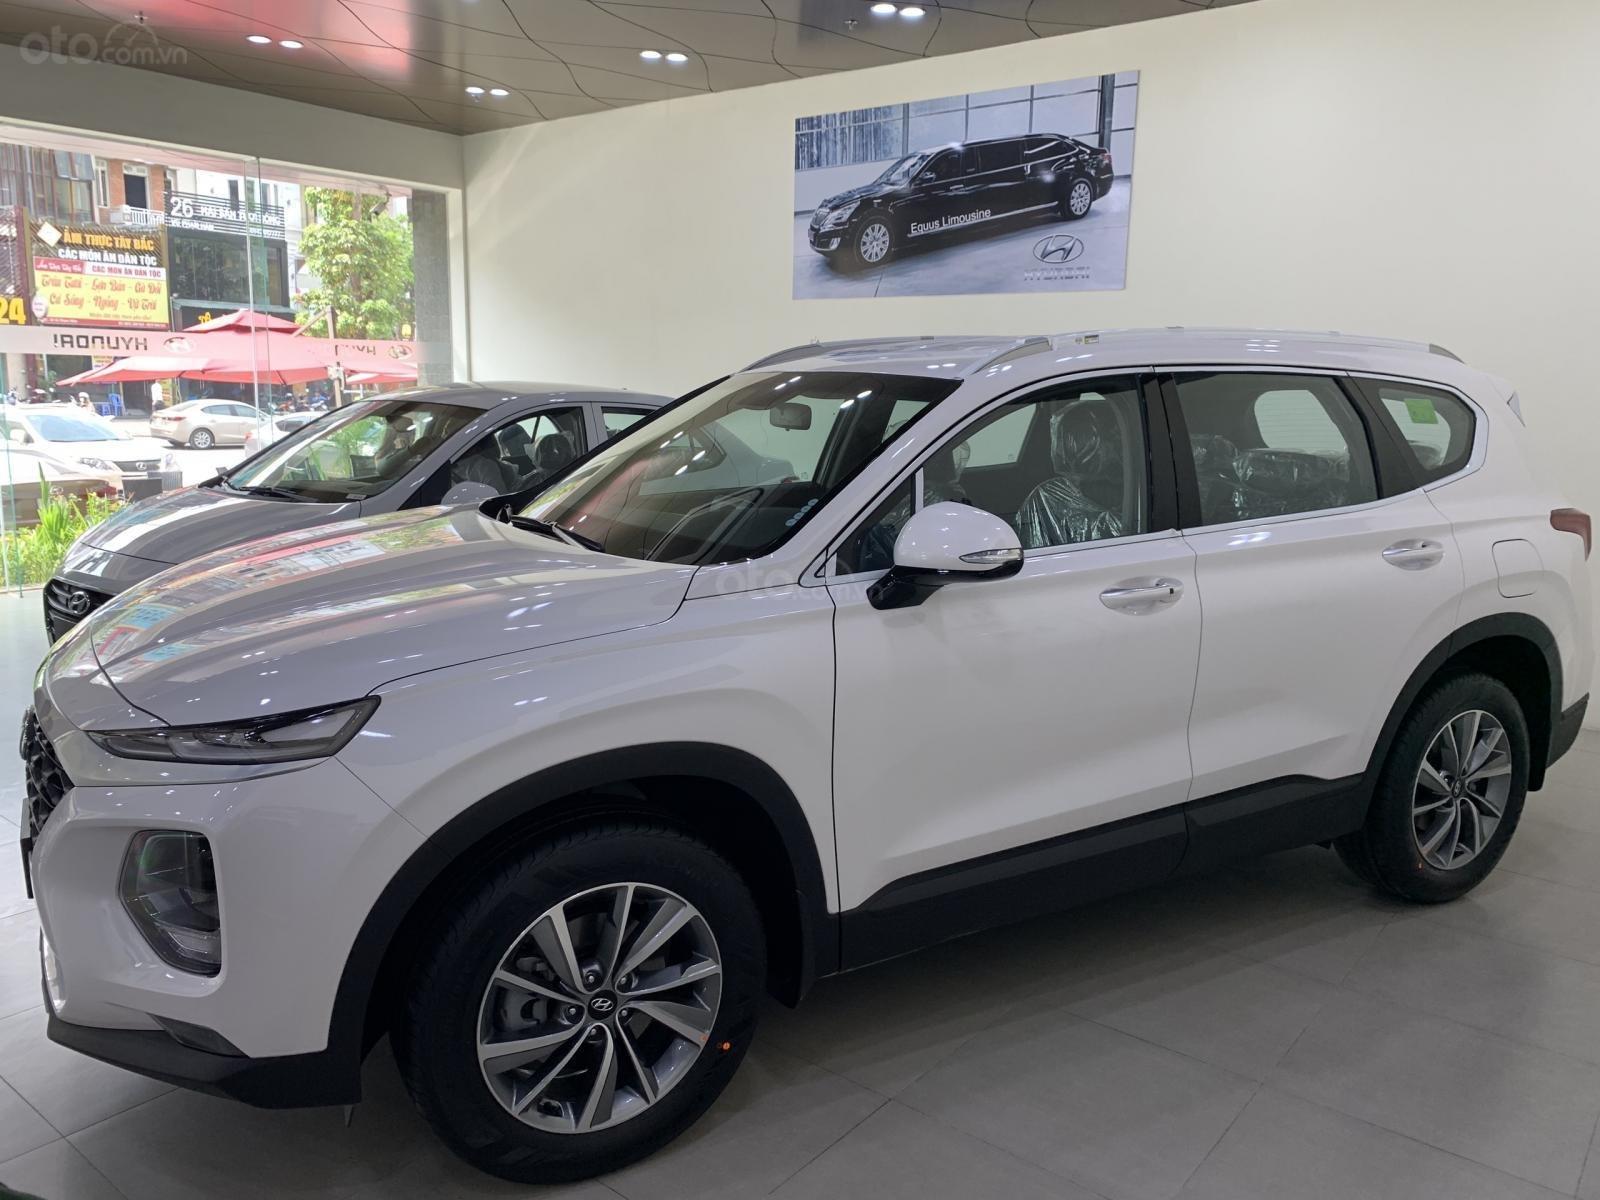 Bán xe Hyundai Santa Fe đời 2019, hỗ trợ mua trả góp lên tới 85% giá trị xe, có xe giao ngay. LH ngay 086.24.42.688 (2)